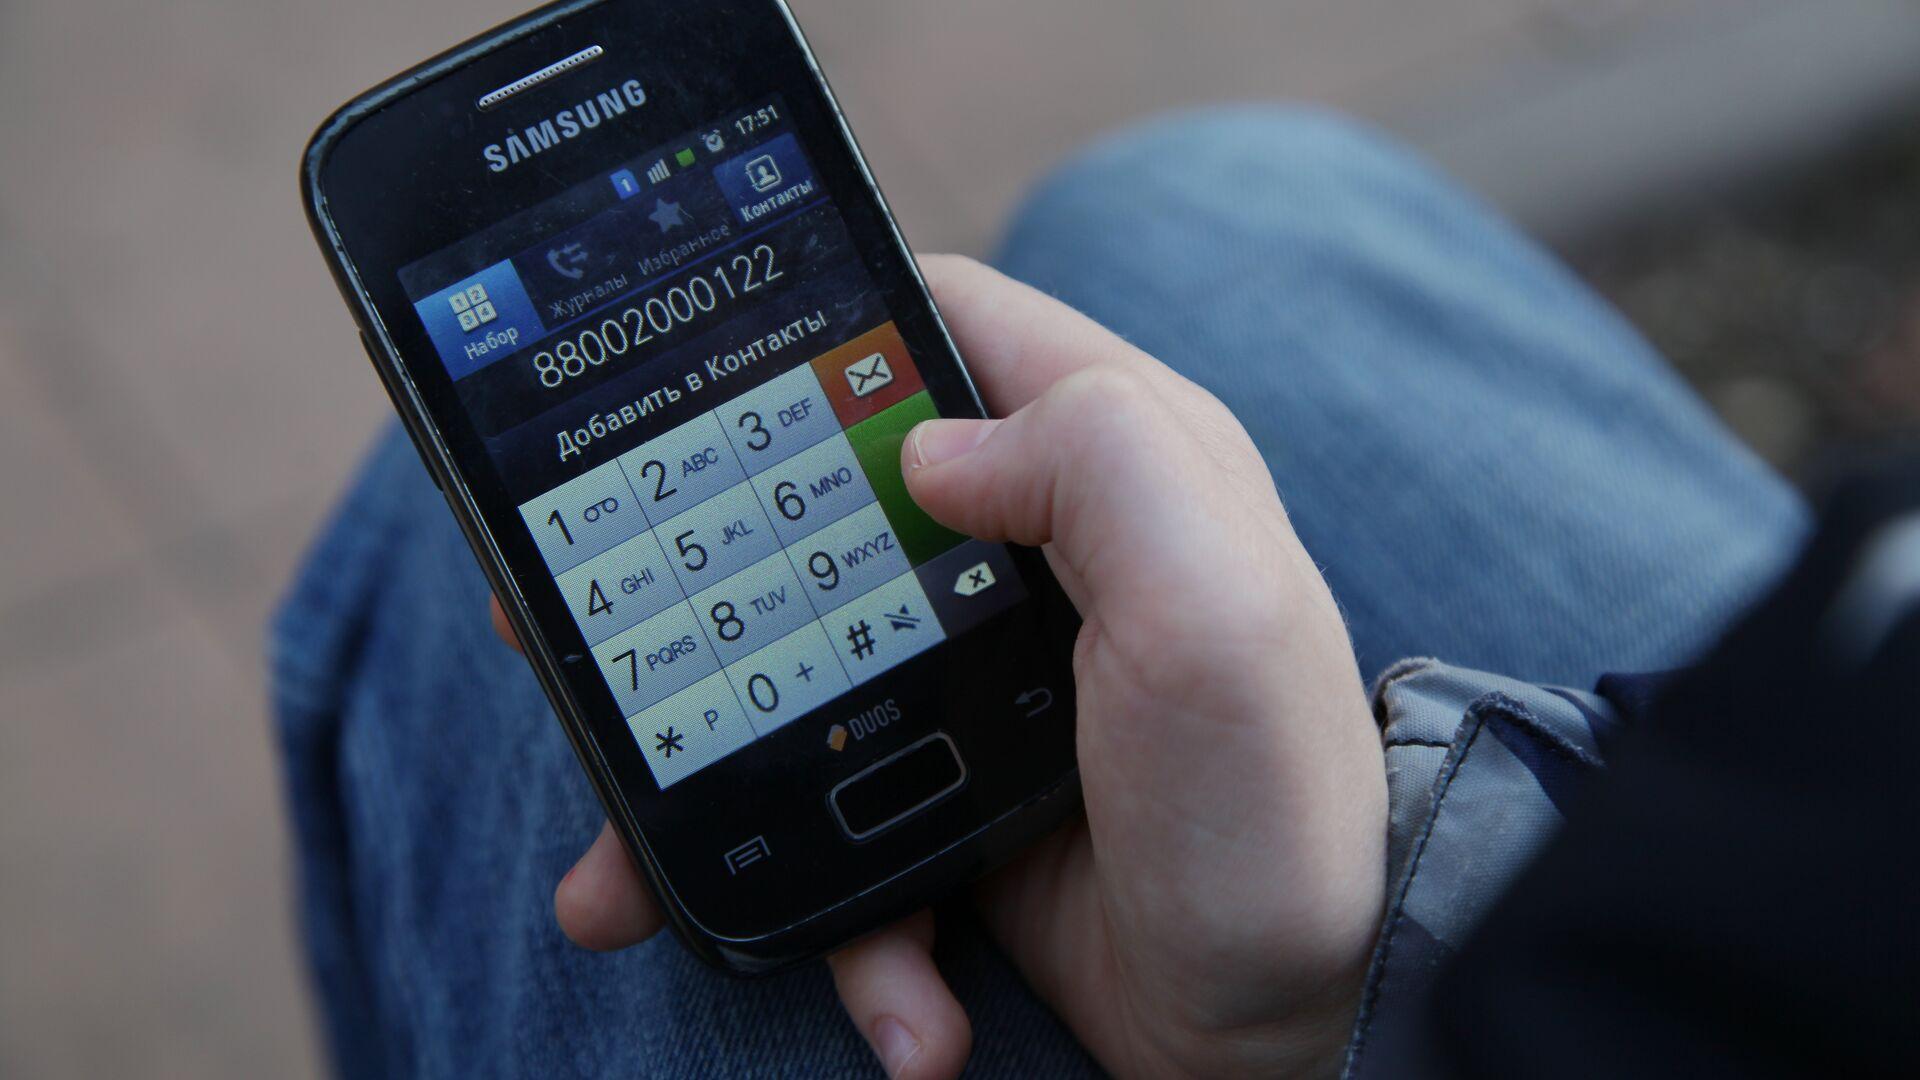 Номер Всероссийского детского телефона доверия 8-800-2000-122 работает круглосуточно - РИА Новости, 1920, 05.09.2020